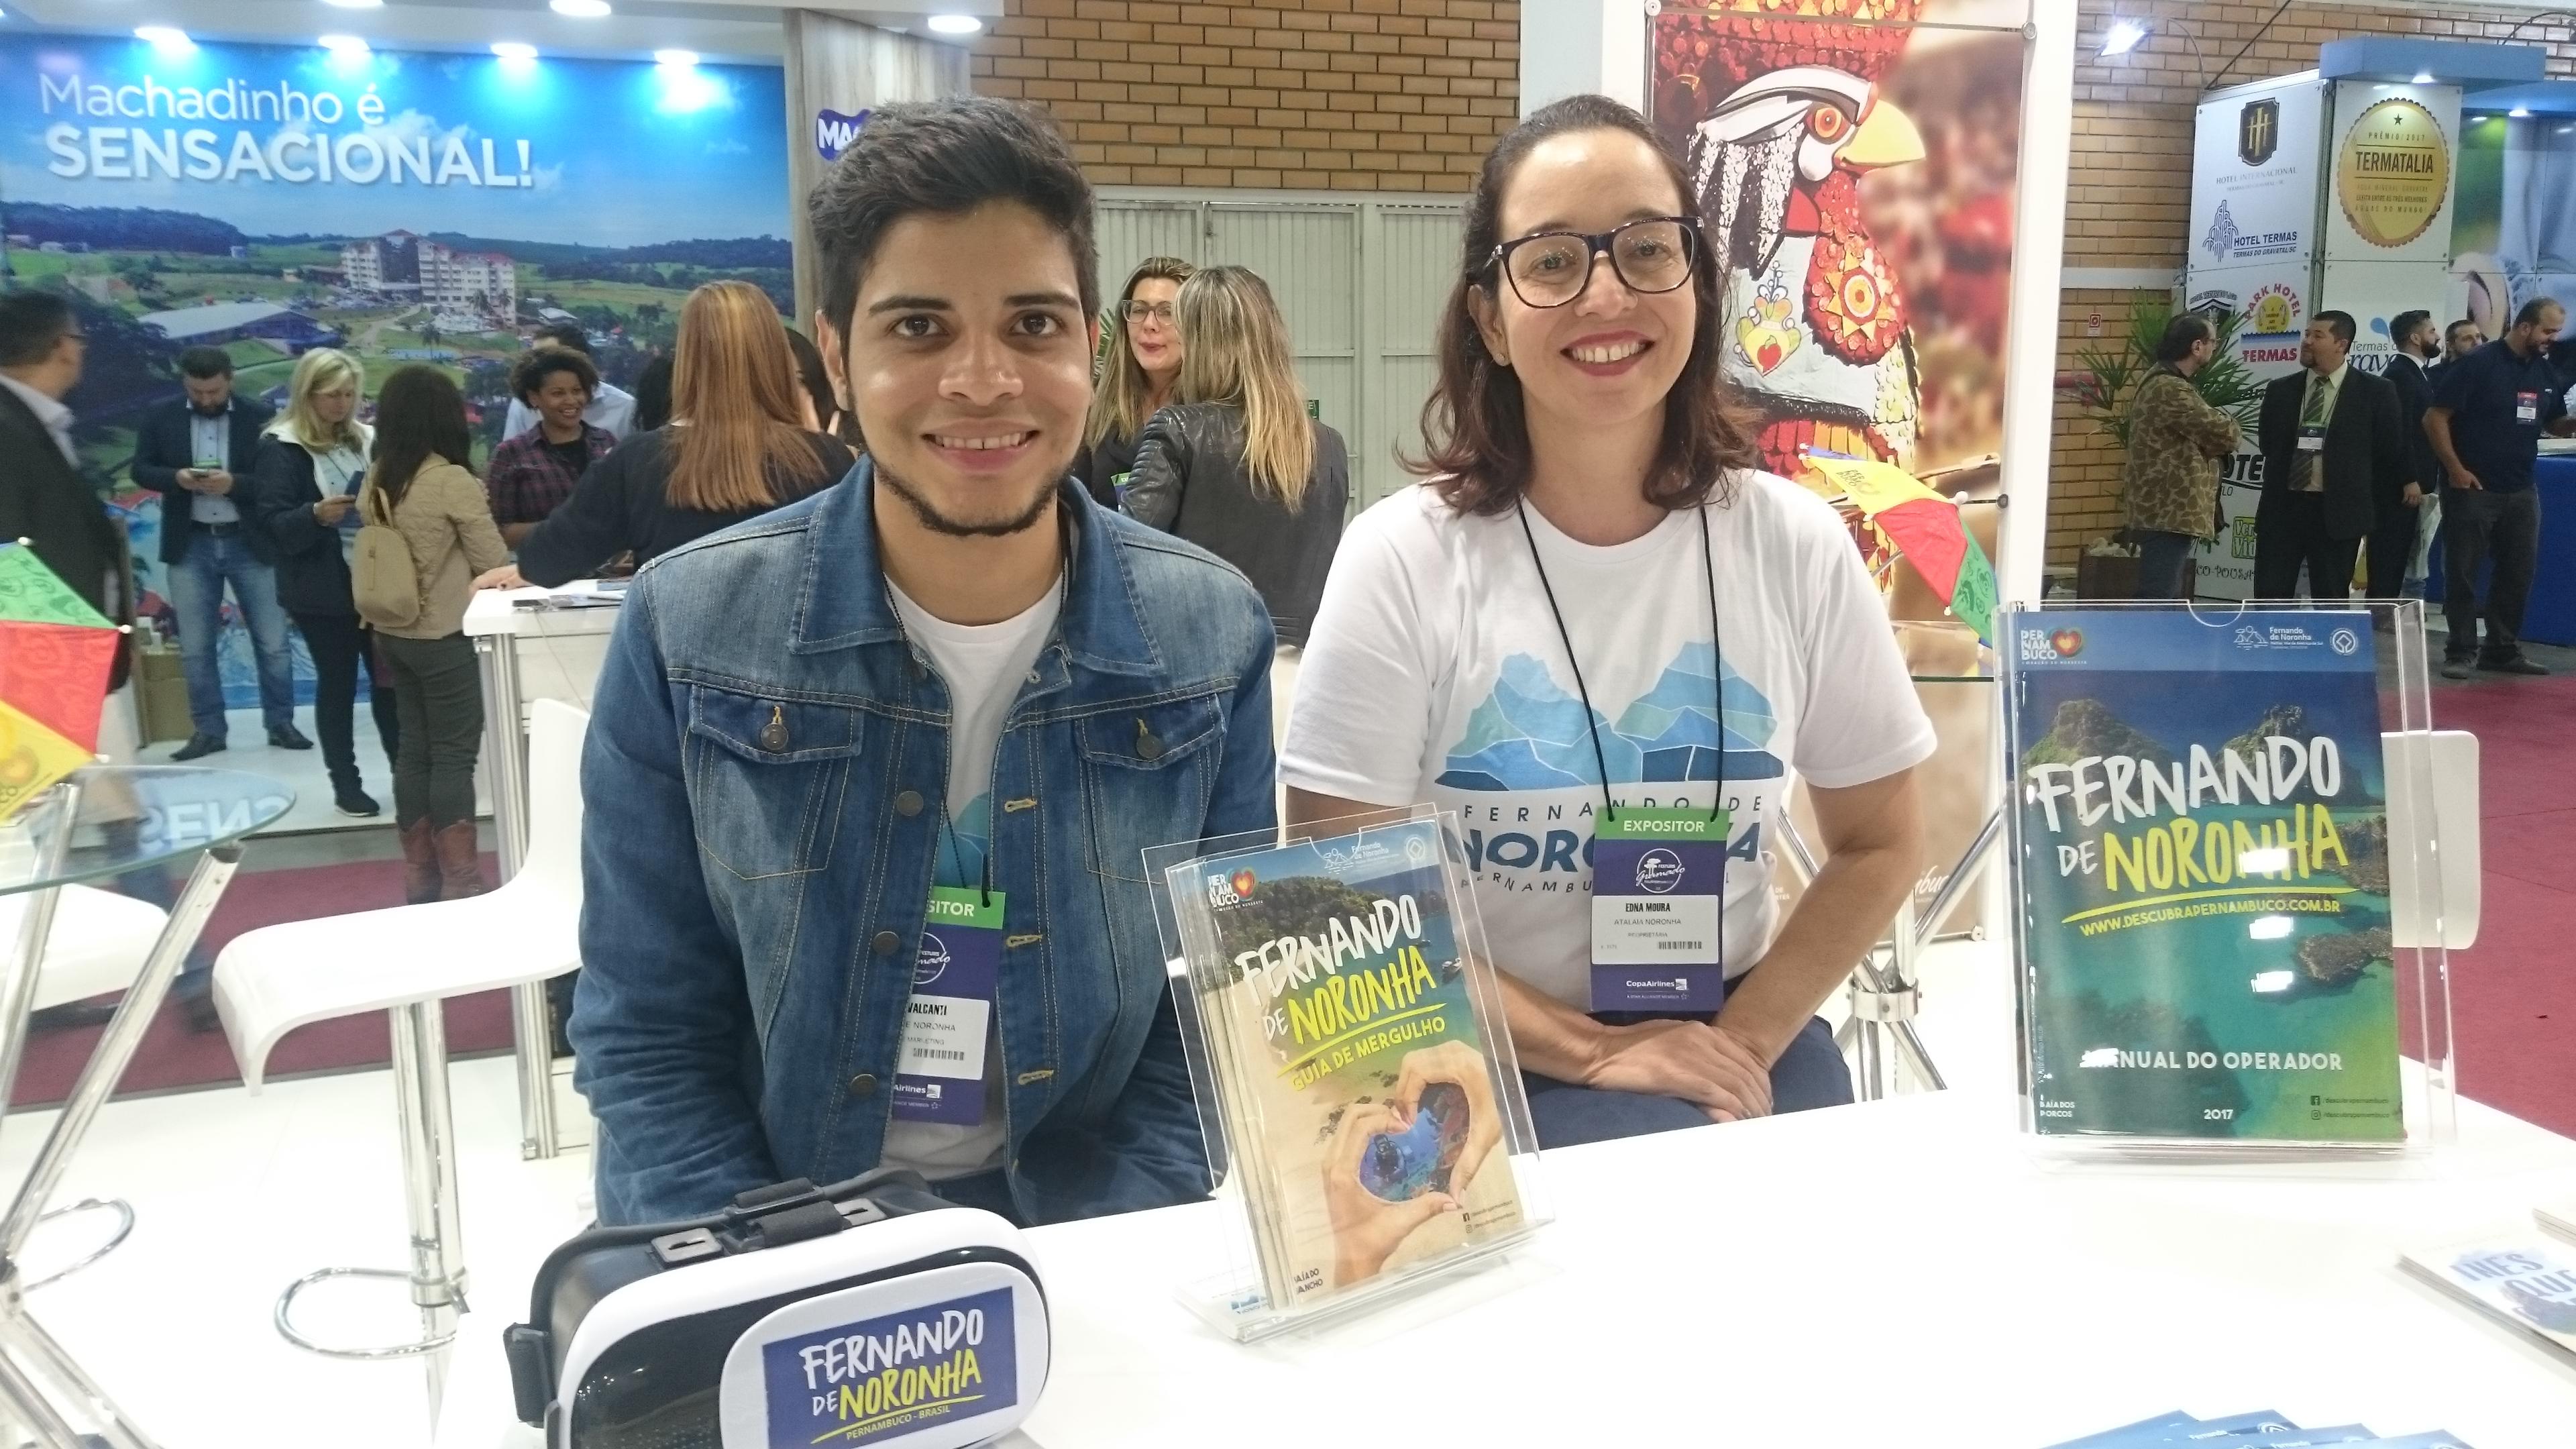 Luccas Cavalcante e Edna Moura, de Fernando de Noronha